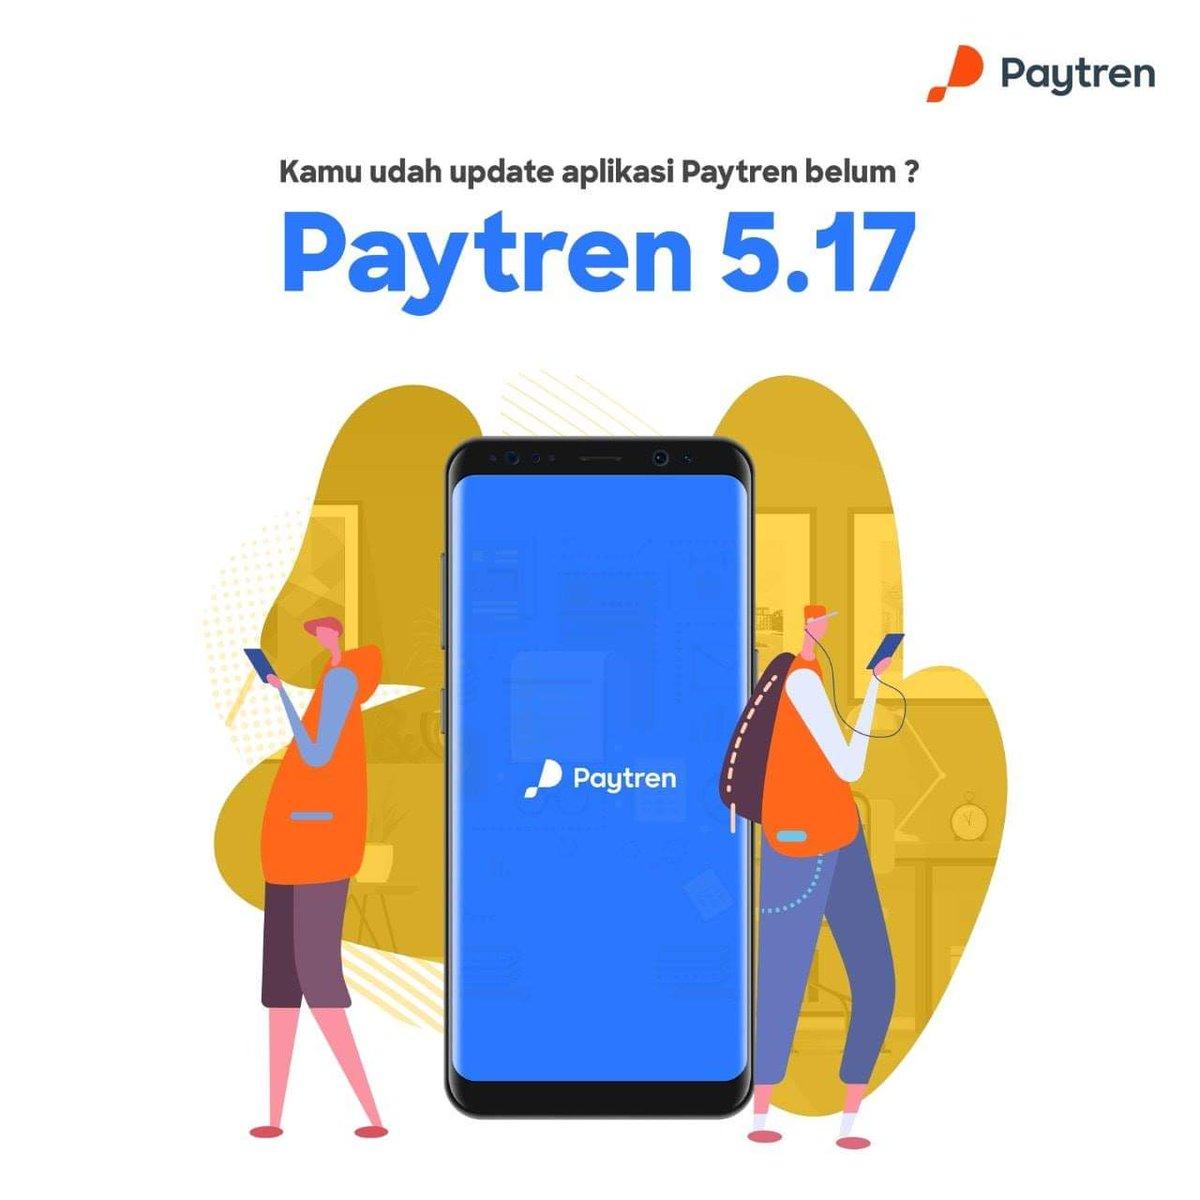 PayTreners, sudah update aplikasi PayTrenmu?  Yuk segera update ke aplikasi PayTren 5.17 di Play Store!  #PayTren517 #PayTrenEmoney #ConnectingYourLife #PokokNyaPAYTRENinAJA #PayTren pic.twitter.com/LWCsQ04ILd